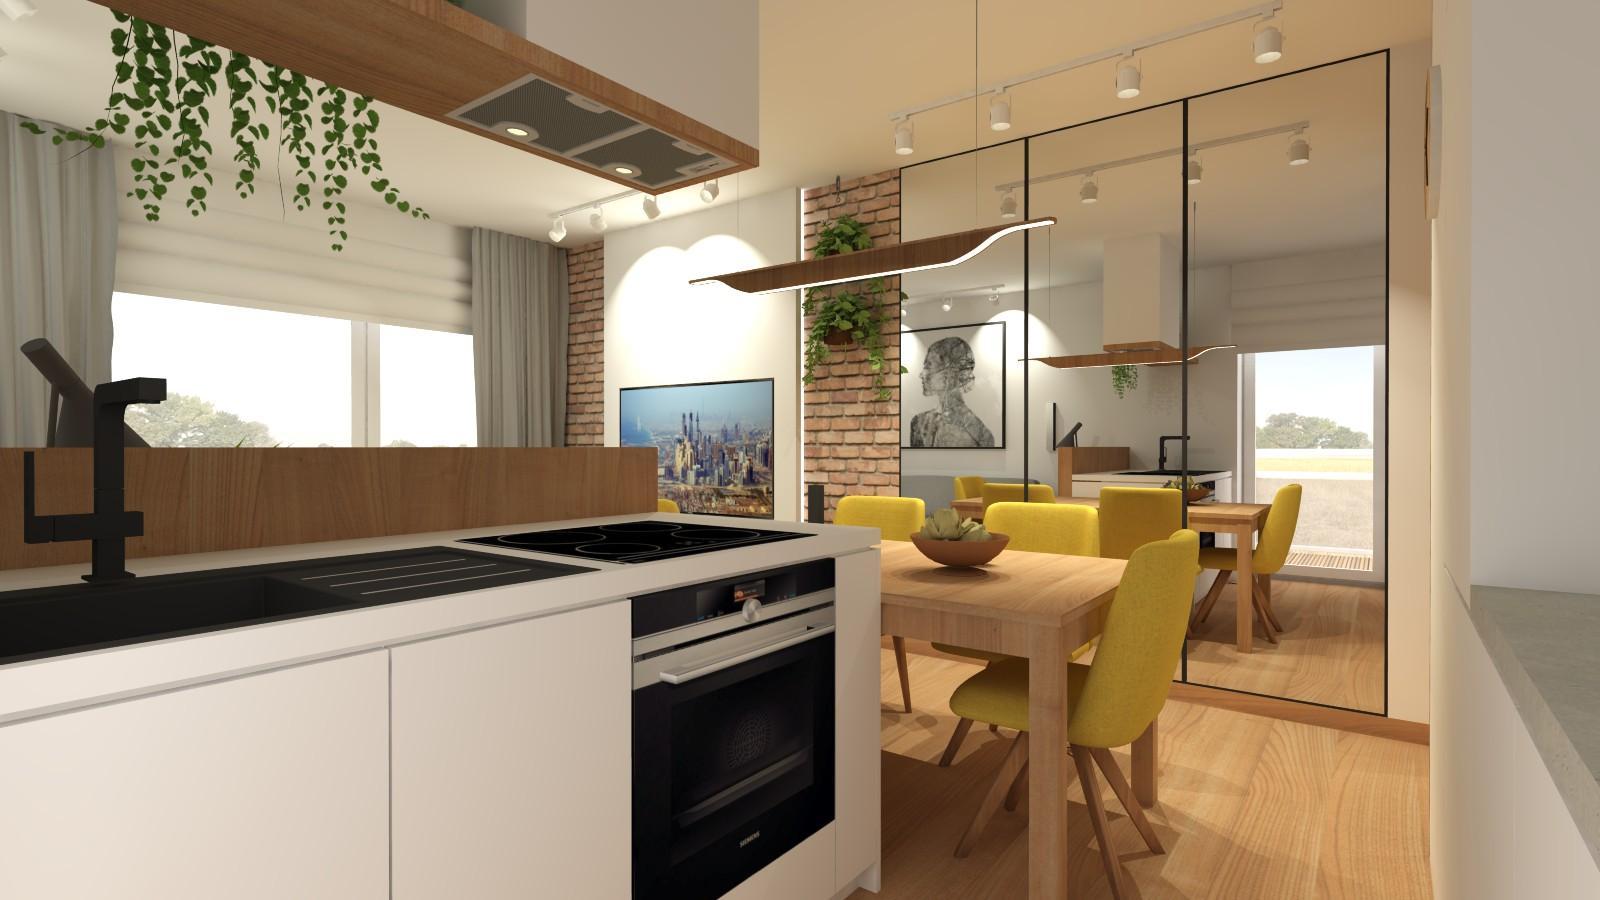 jadalnia-aneks-kuchenny-salon-w-loftowym-stylu-mieszkanie-w-bloku-powiekszenie-optyczne-pomieszczenia-lustra